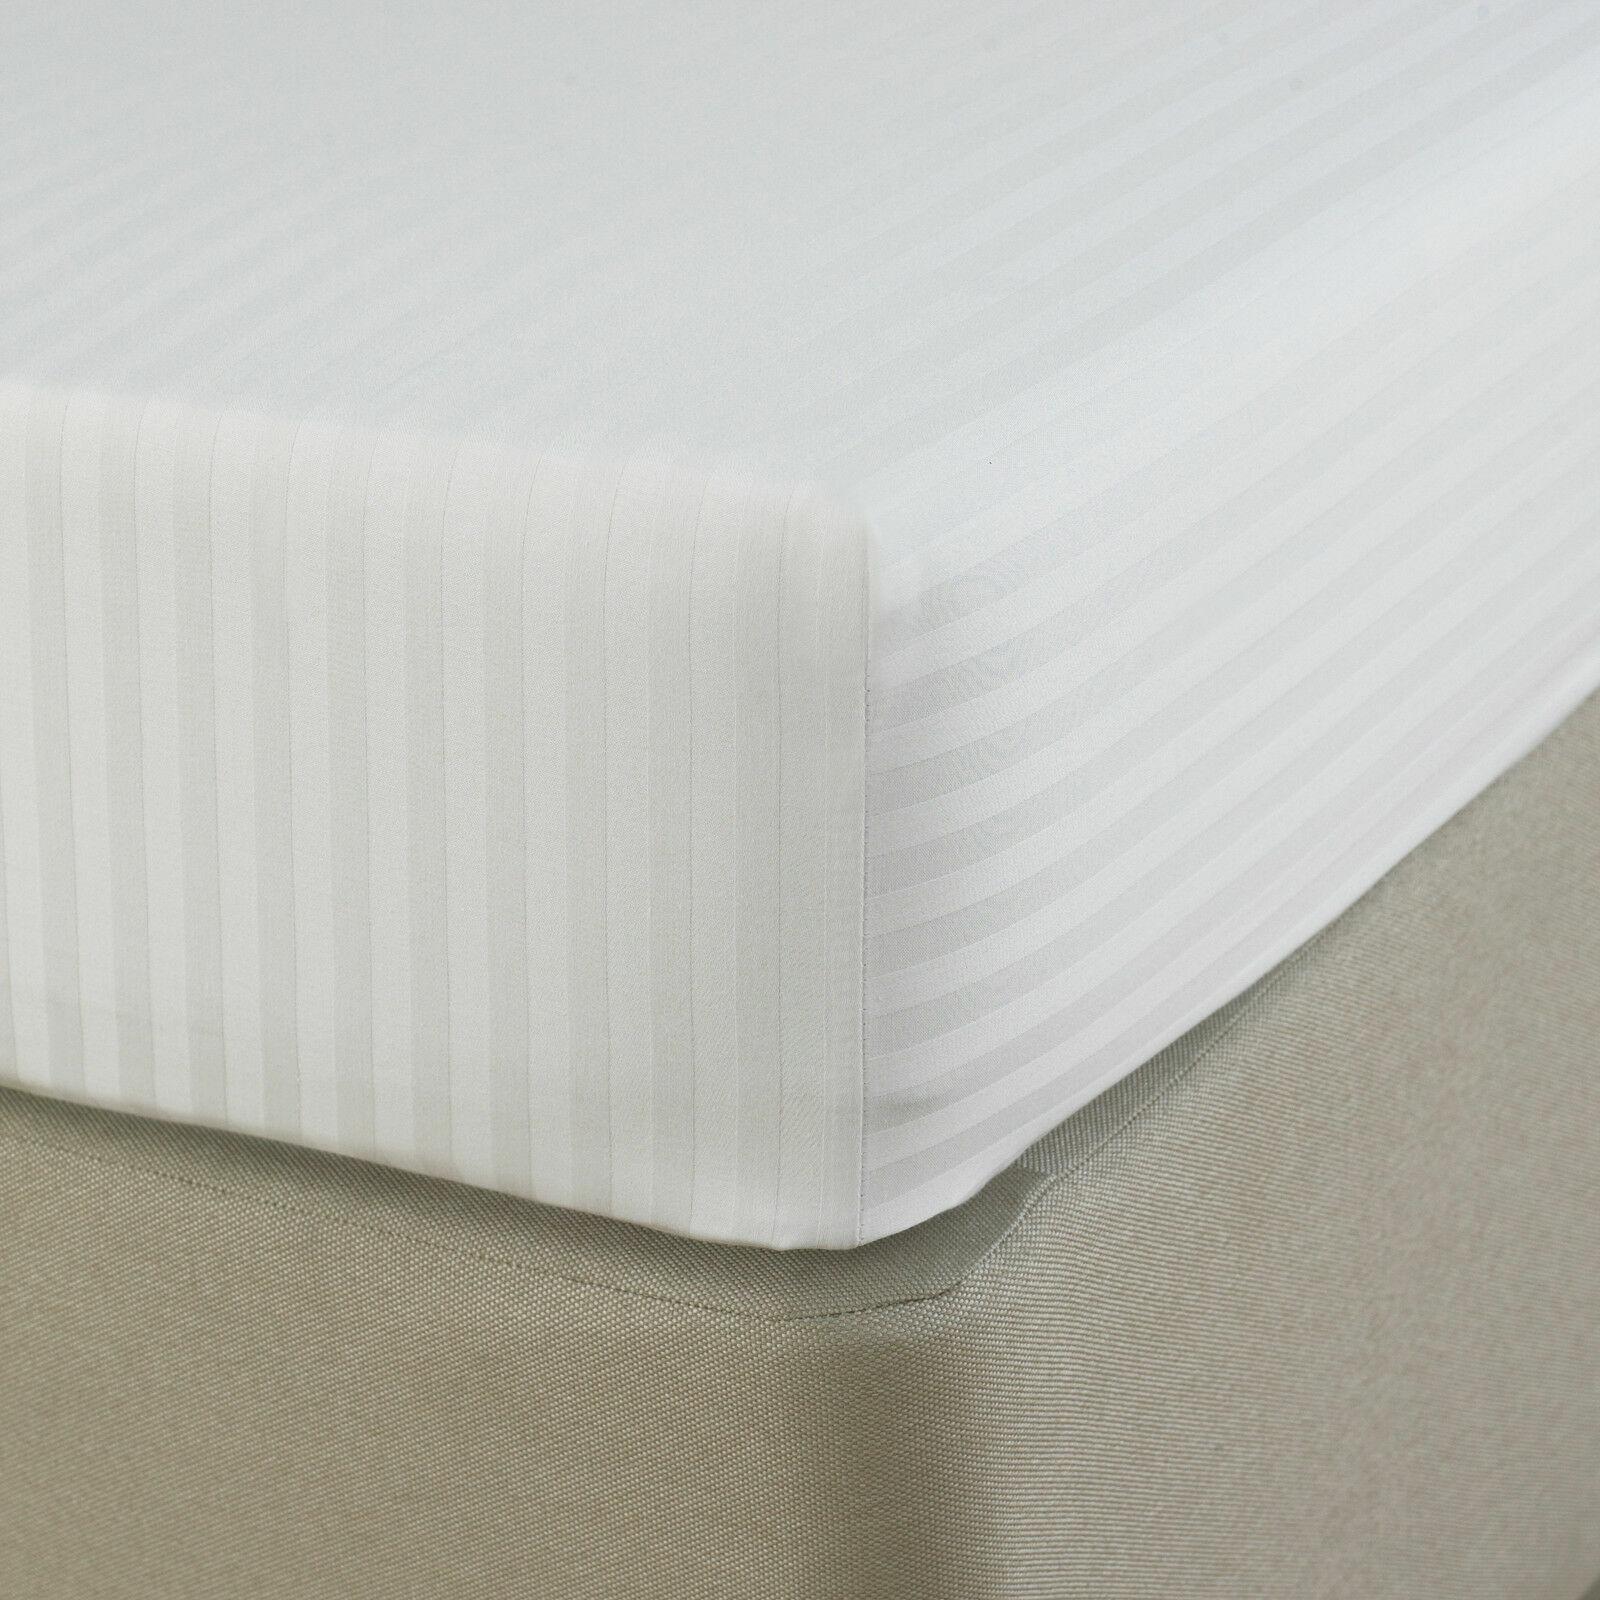 Parure de lit super king size rayure blanche 1000 tc 100/% coton égyptien